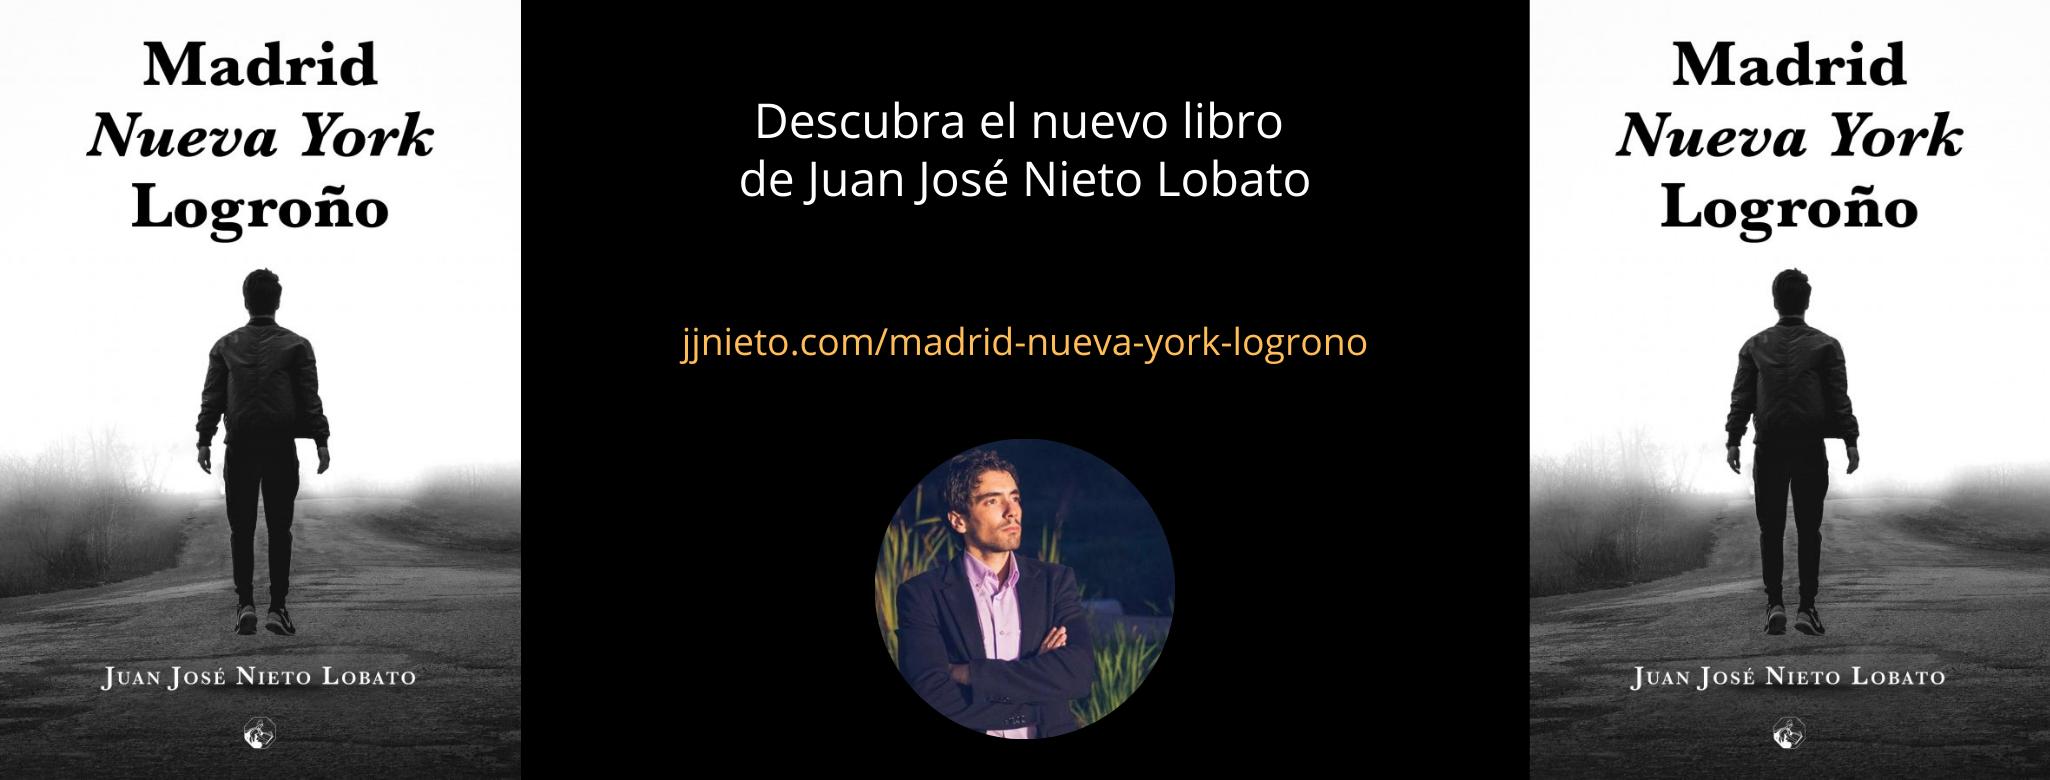 Descubra el nuevo libro de Juan José Nieto Lobato Madrid, Nueva York, Logroño de Editorial Amarante